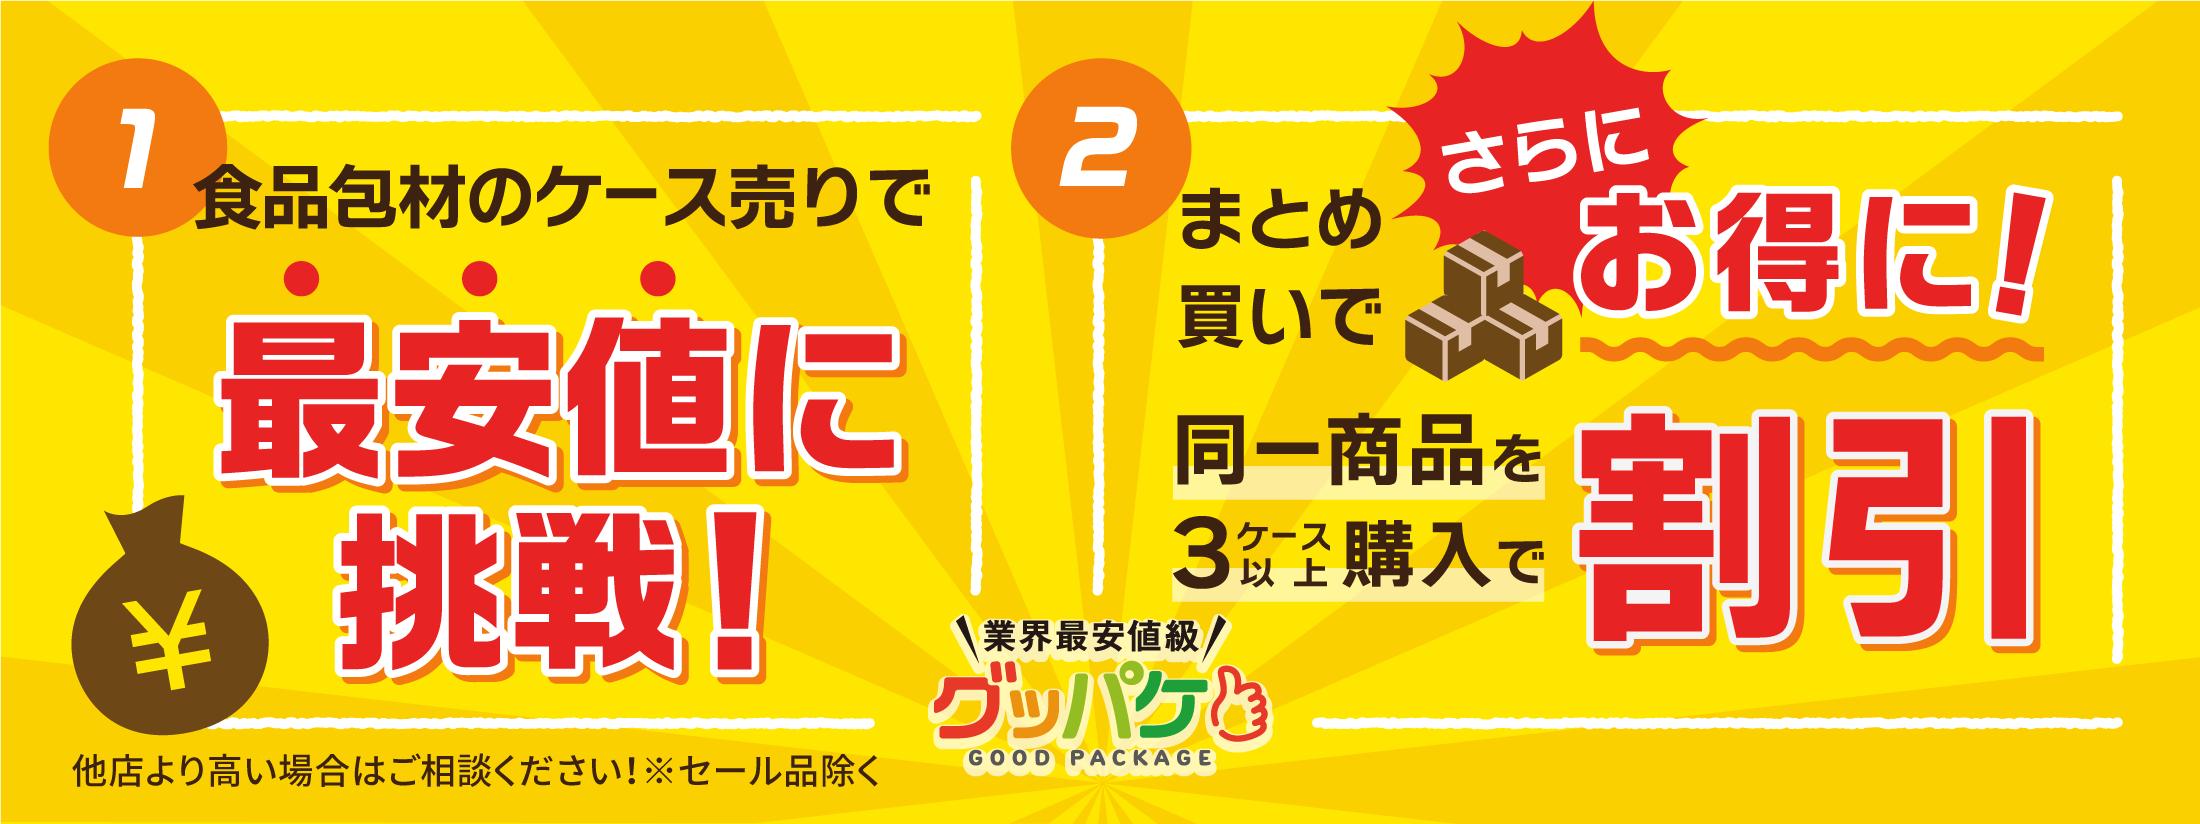 蓋付の鍋型容器HOTPOT